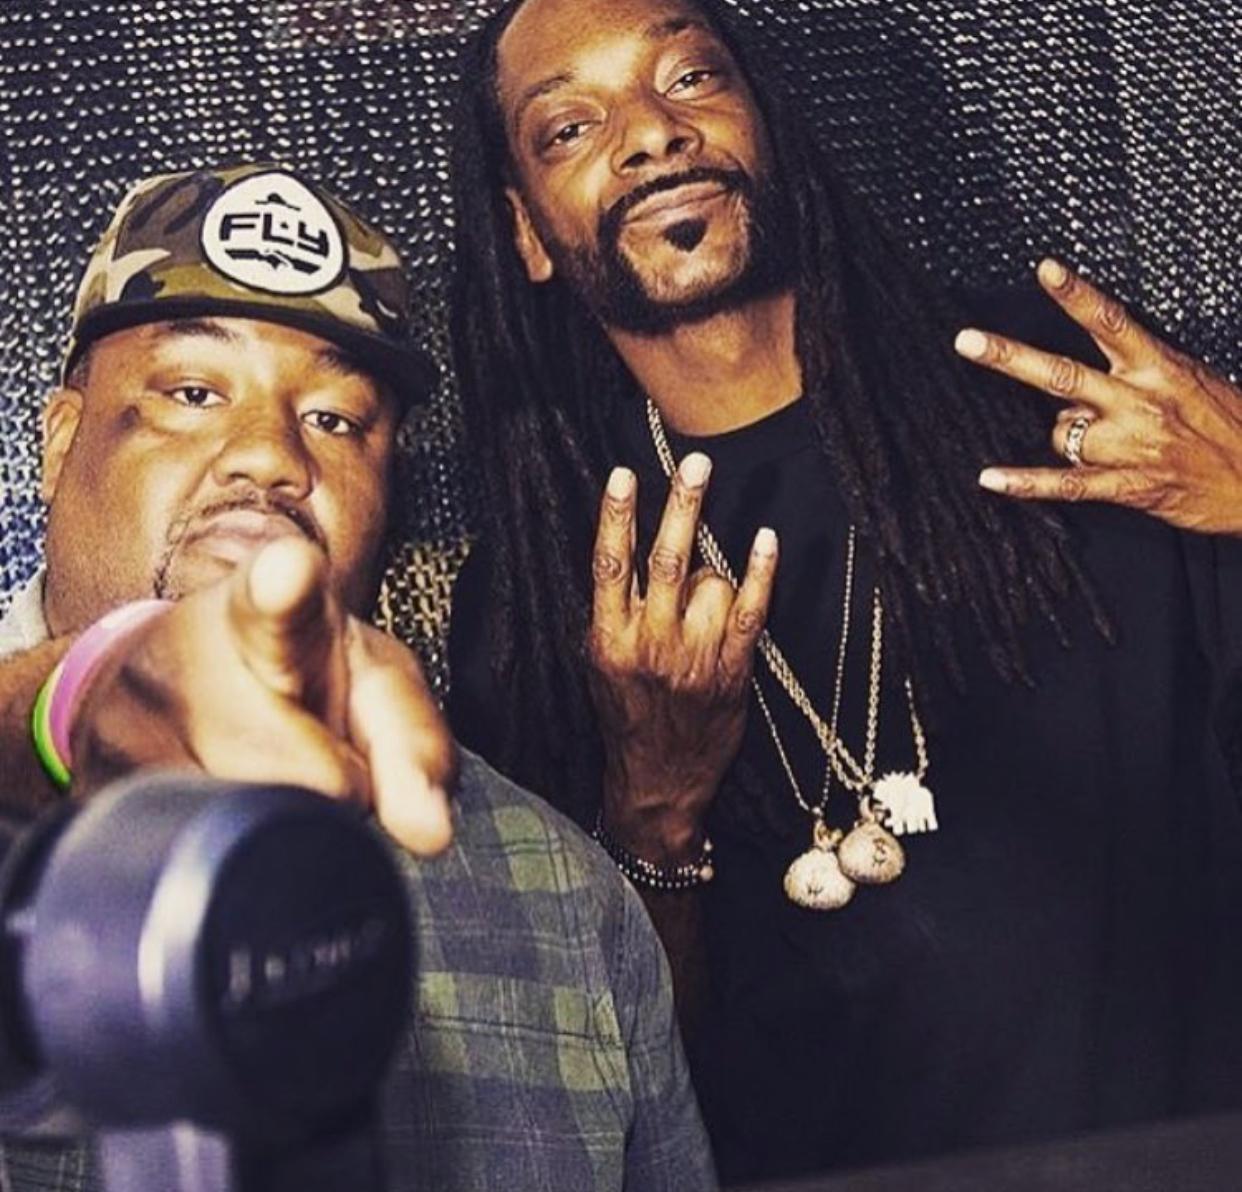 @djsyeyoung x Snoop Dogg